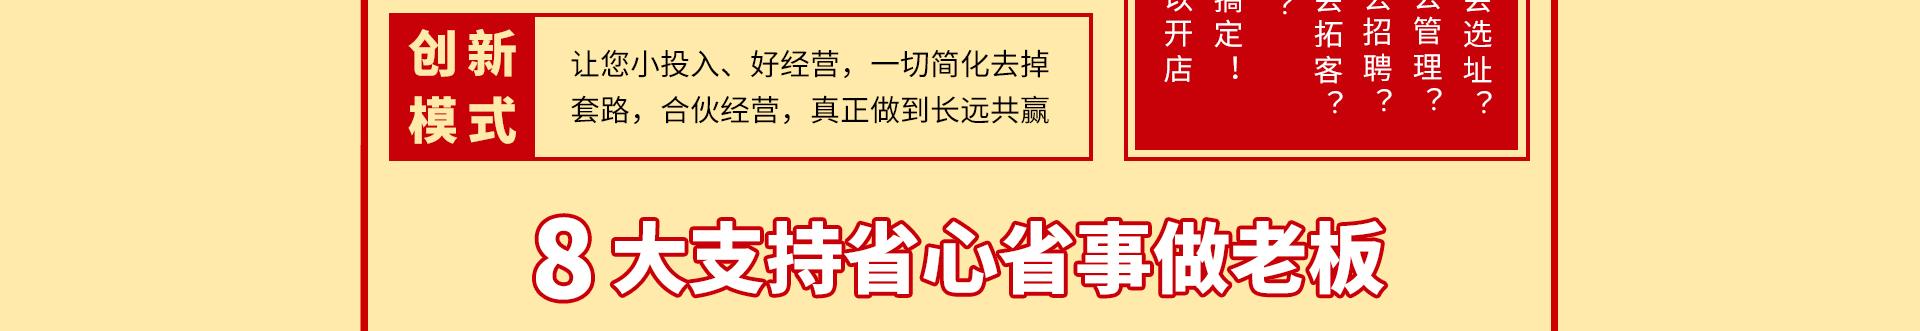 关中秦味老碗面gzqw_25